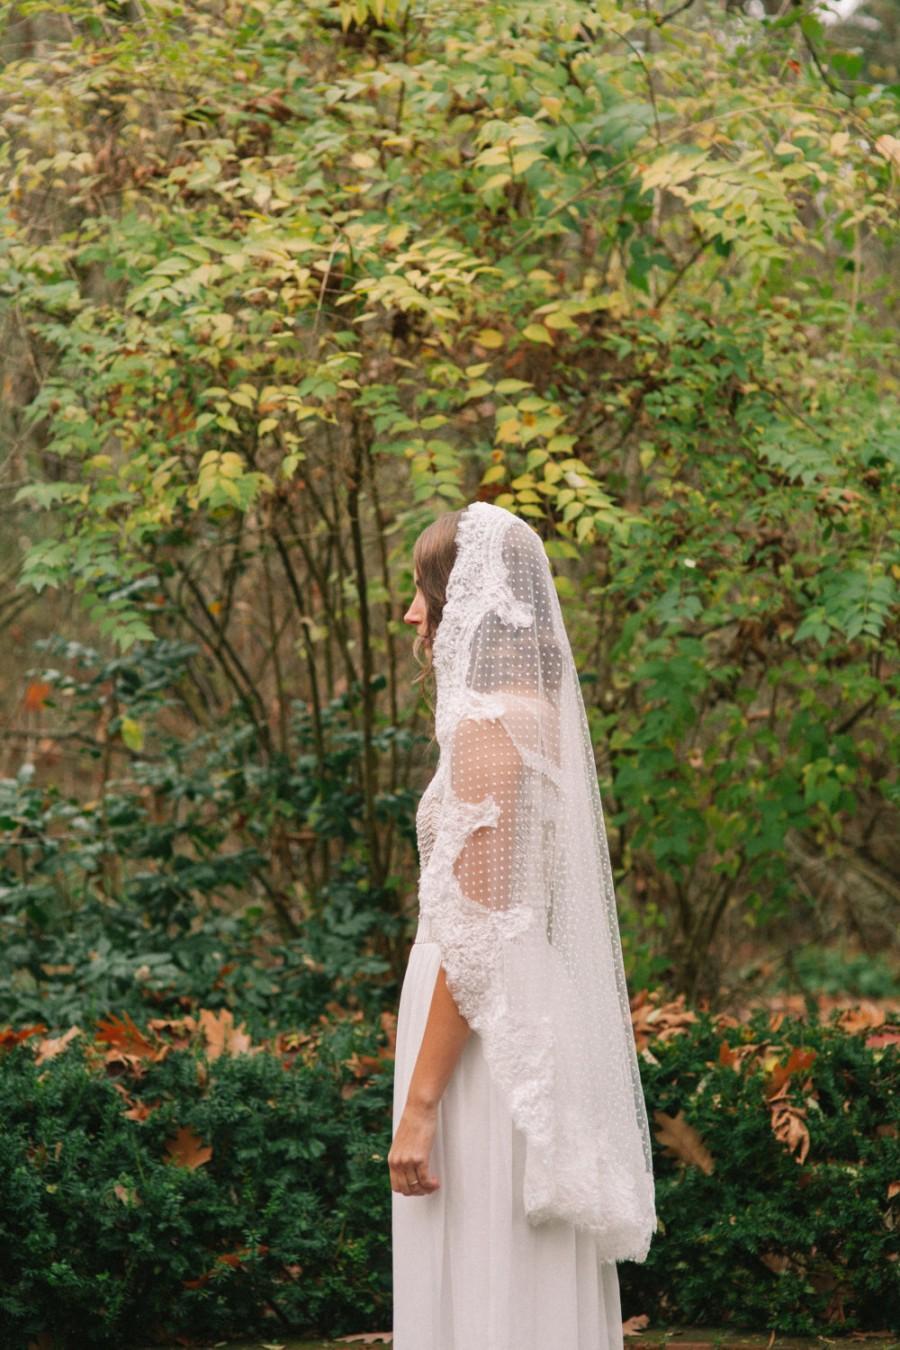 Hochzeit - Wedding veil, Dotted Point d' Esprit  Veil, Bridal Veil, Swiss Dot Veil --DAPHNE